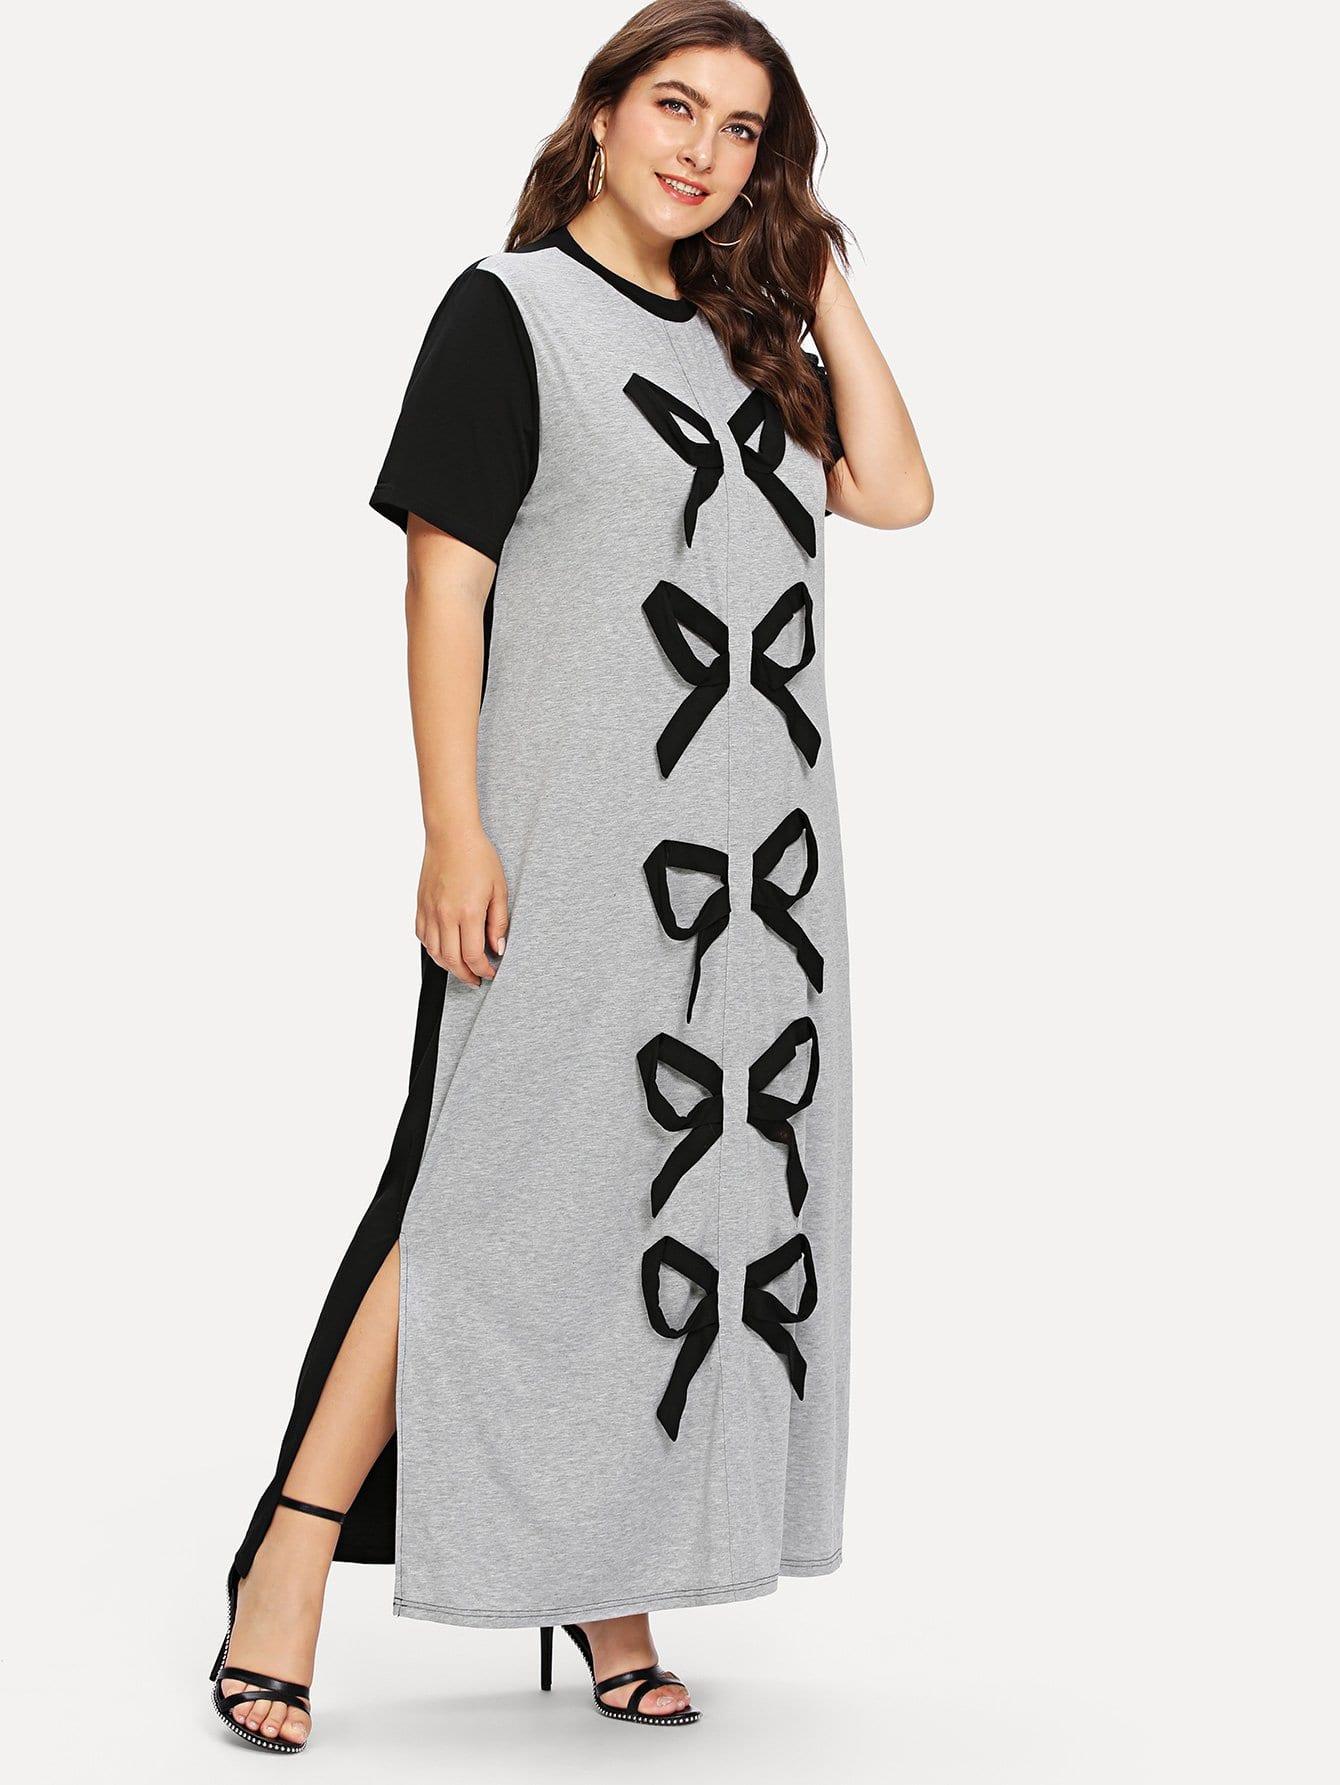 Plus Bow Detail Color Block Dress